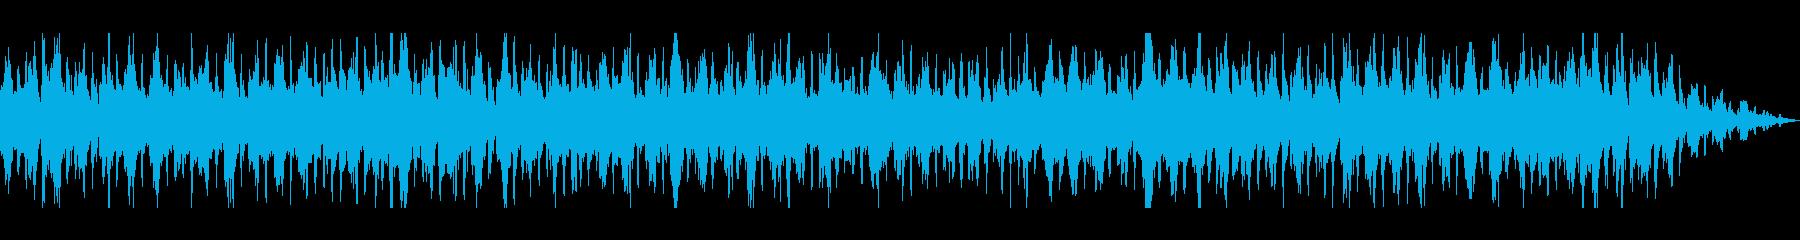 手回しオルガンの優しい曲調の再生済みの波形